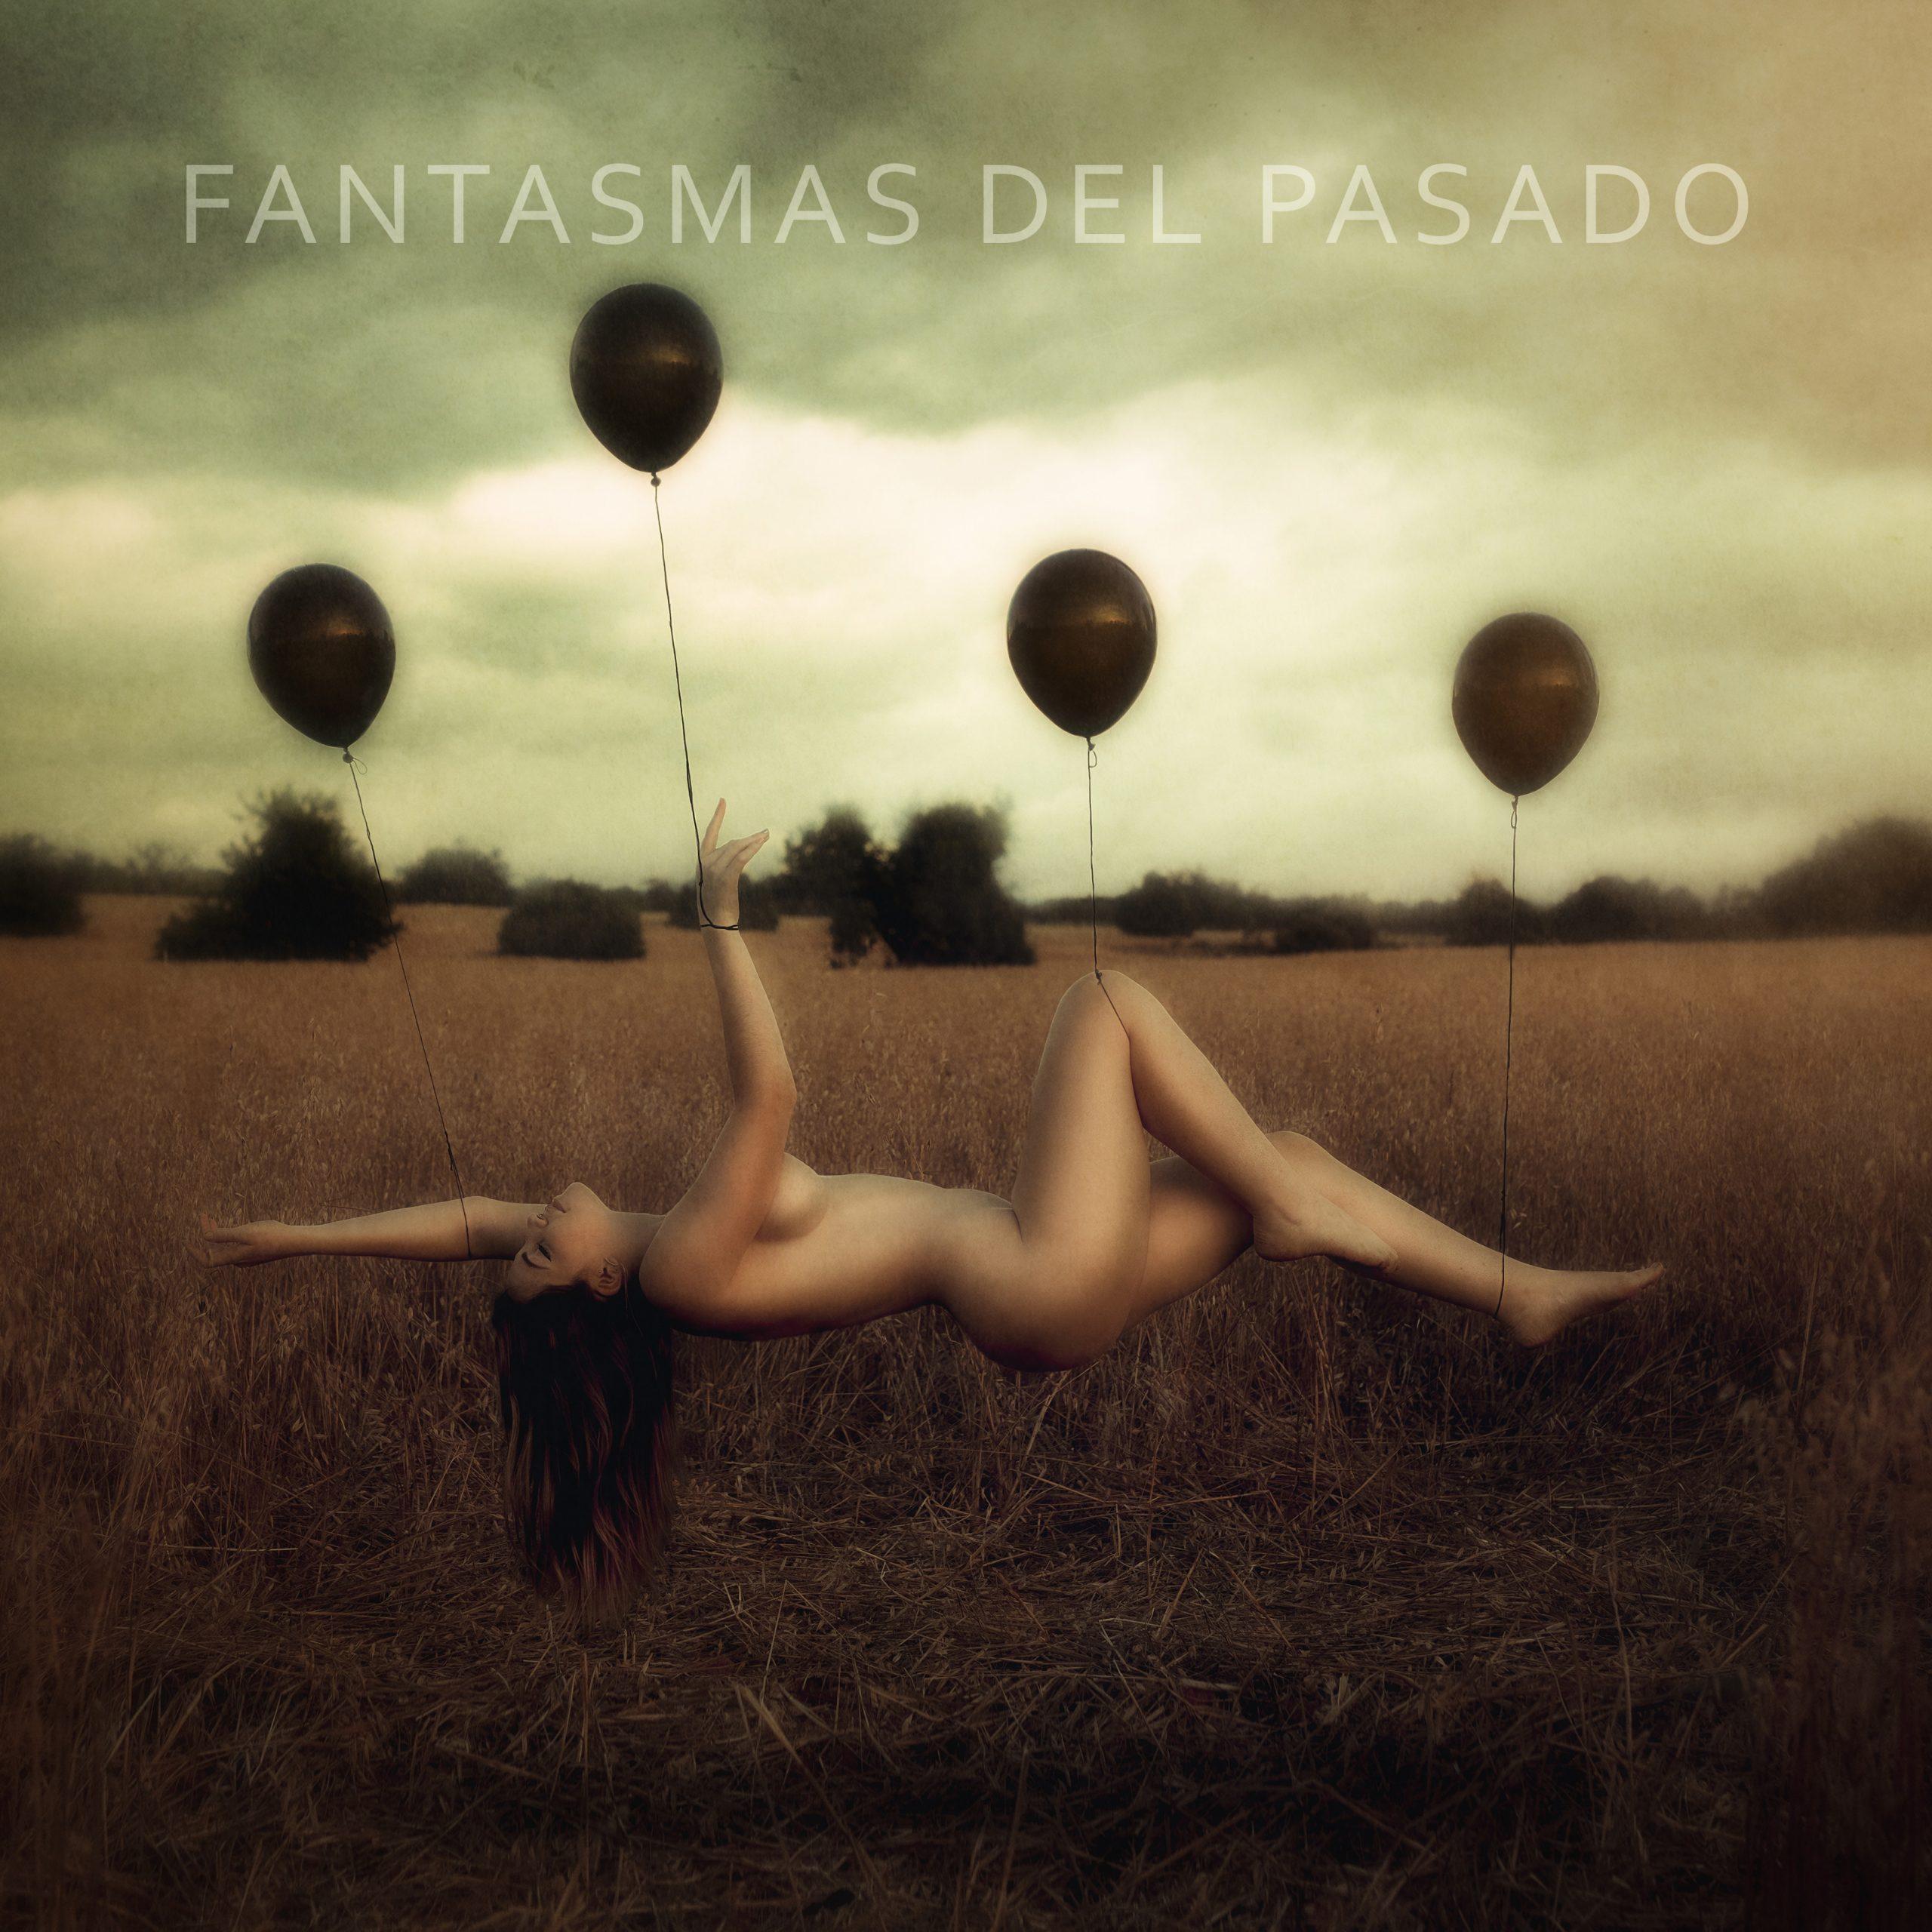 FANTASMAS-DEL-PASADO